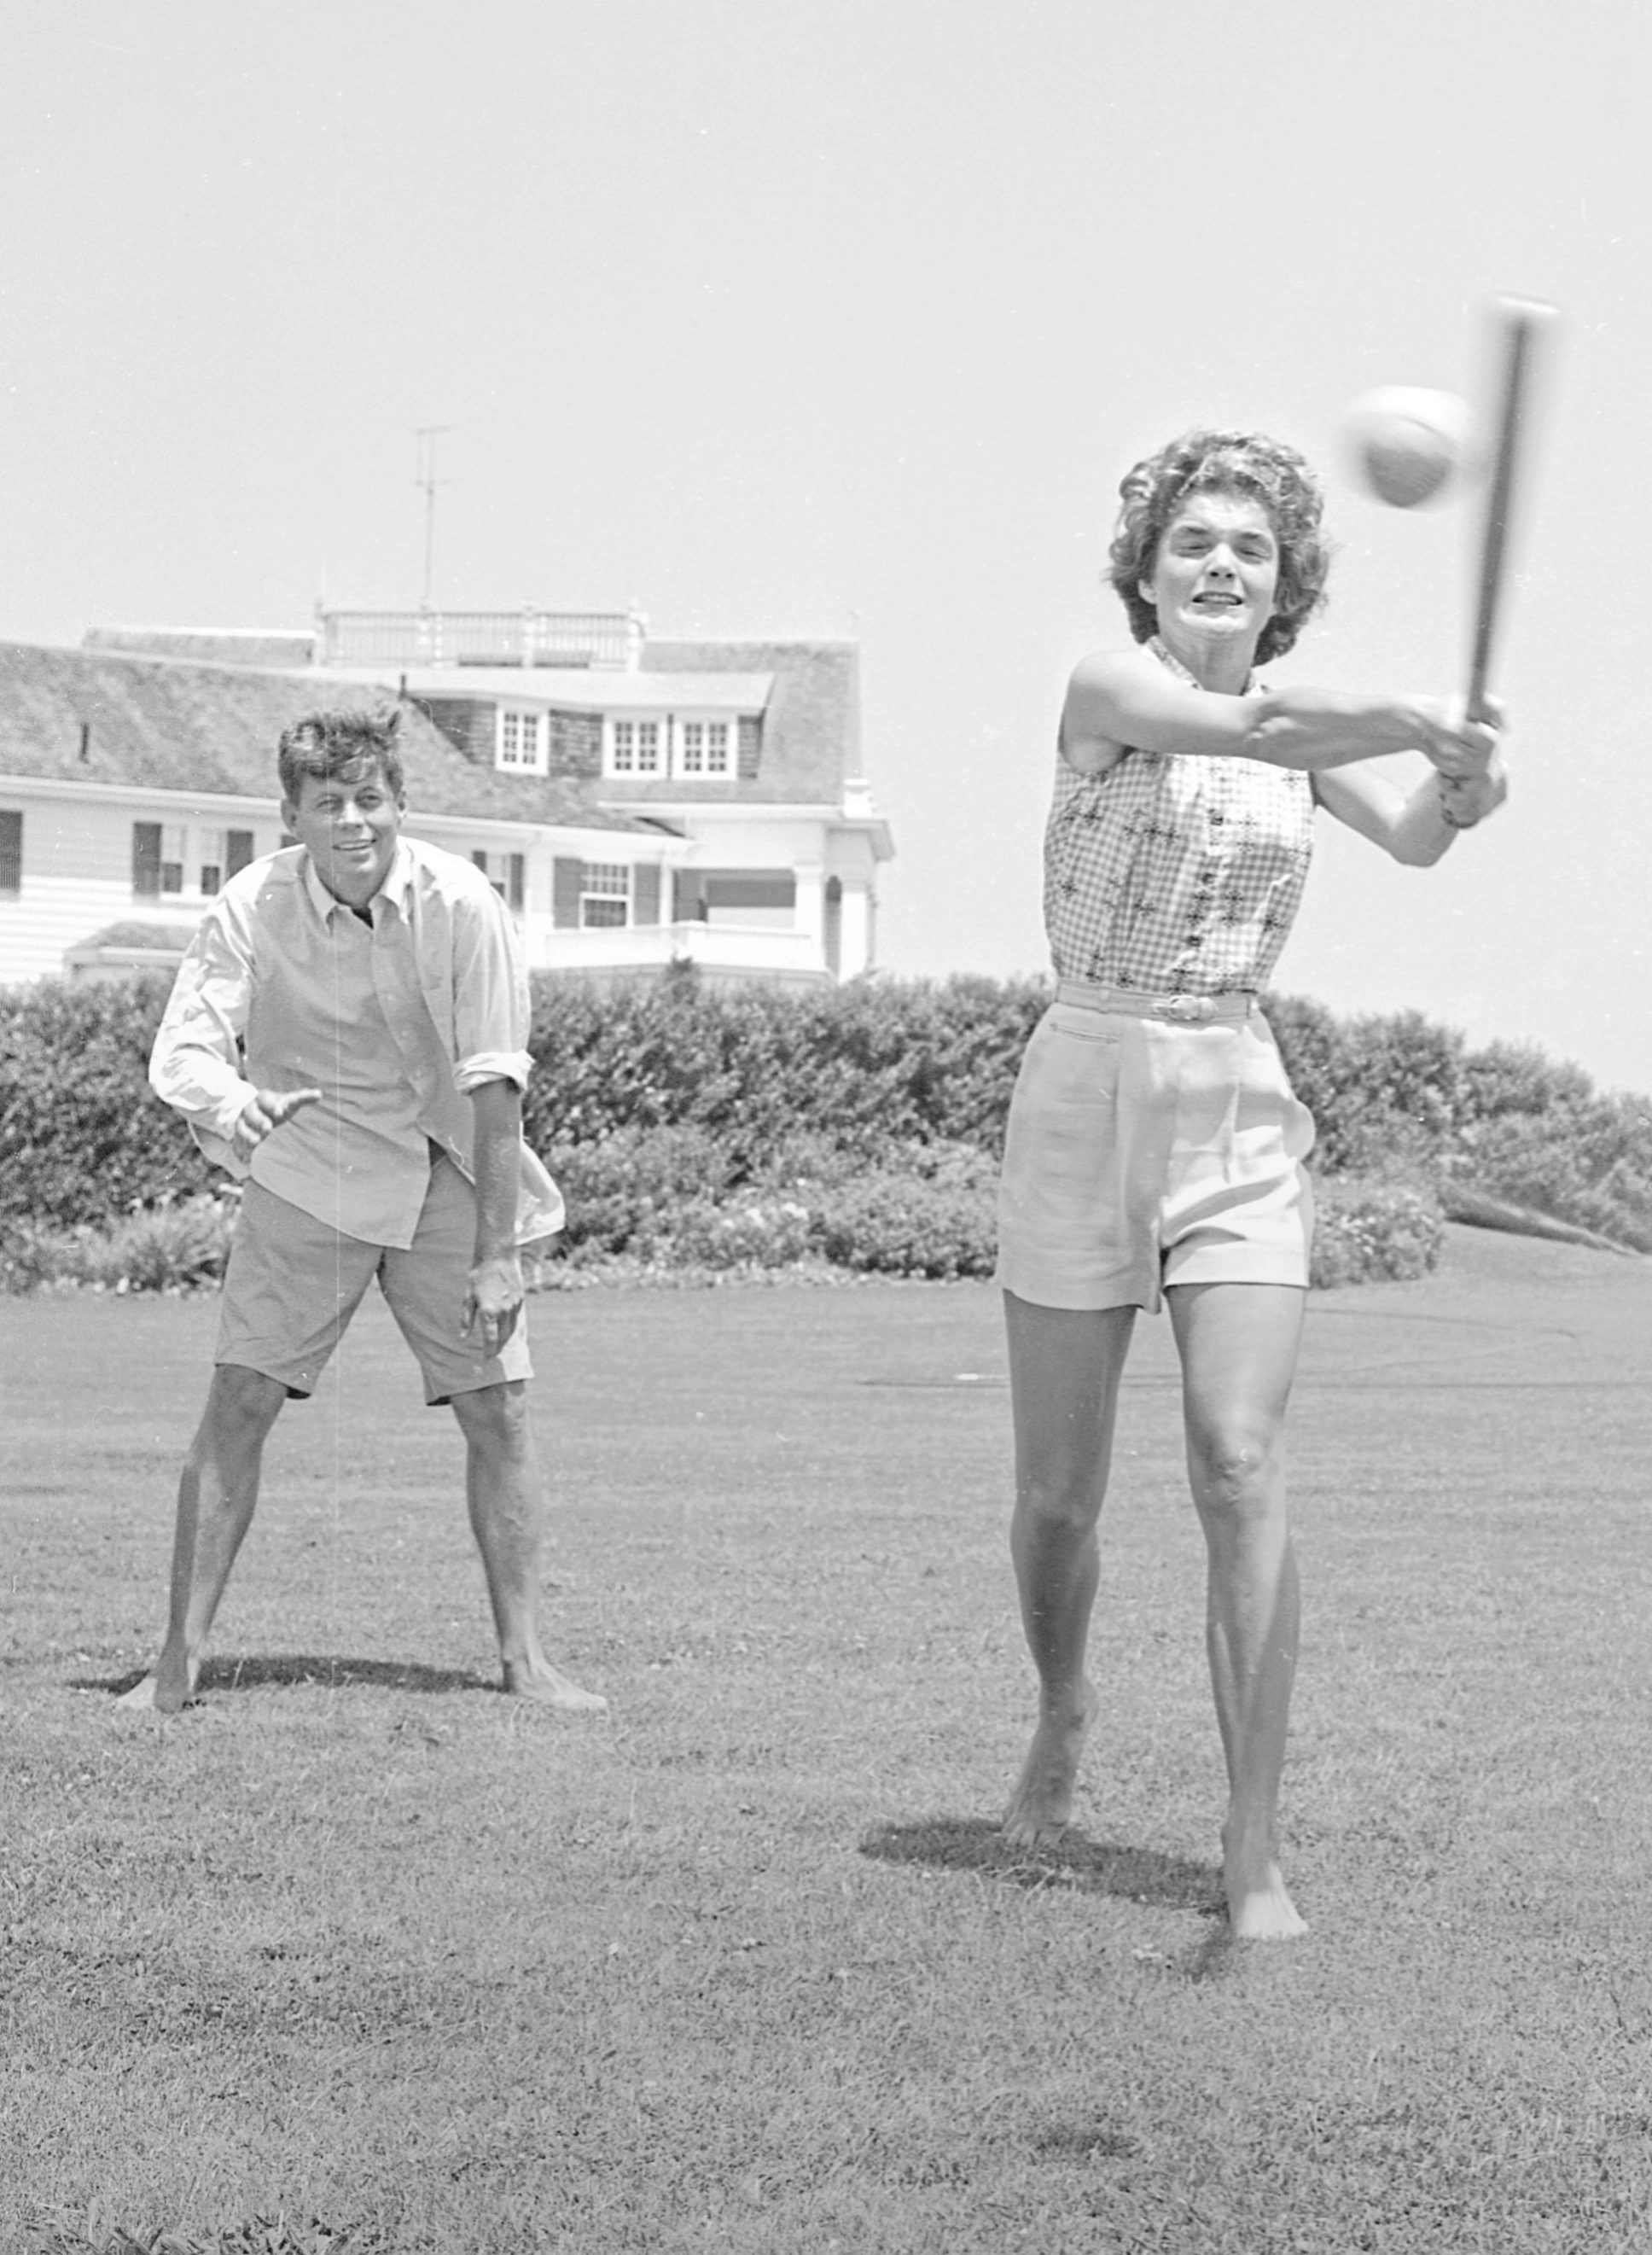 John Fitzgerald Kennedy y su esposa Jacqueline, haciendo deporte.